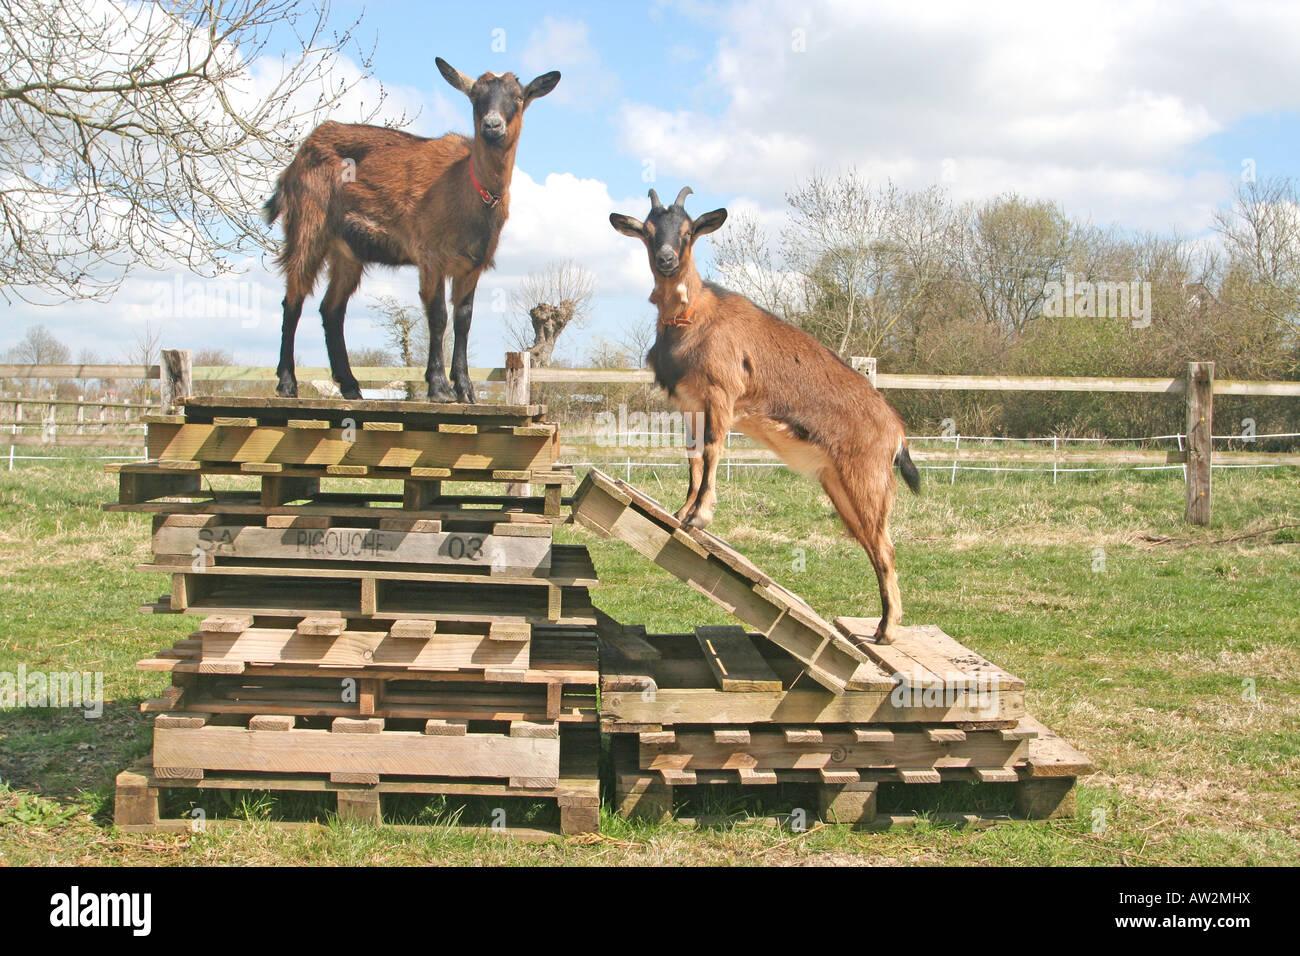 Klettergerüst Ziegen : 2 haustier ziegen auf ihre klettergerüst mit neugier stockfoto